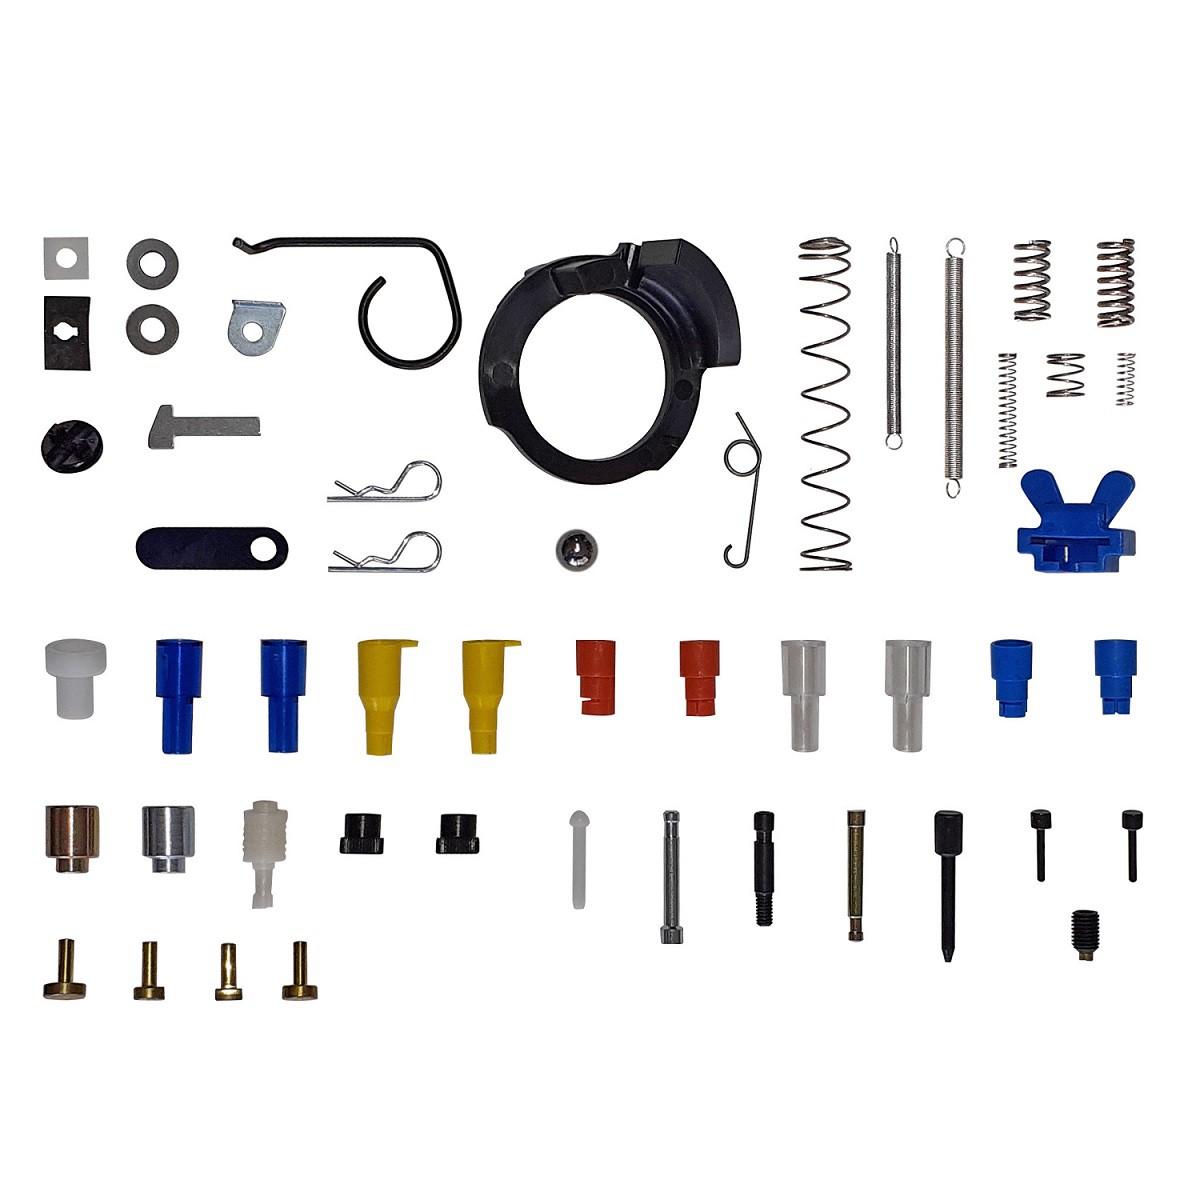 Kit de peças sobressalentes para máquina de recarga Dillon 750